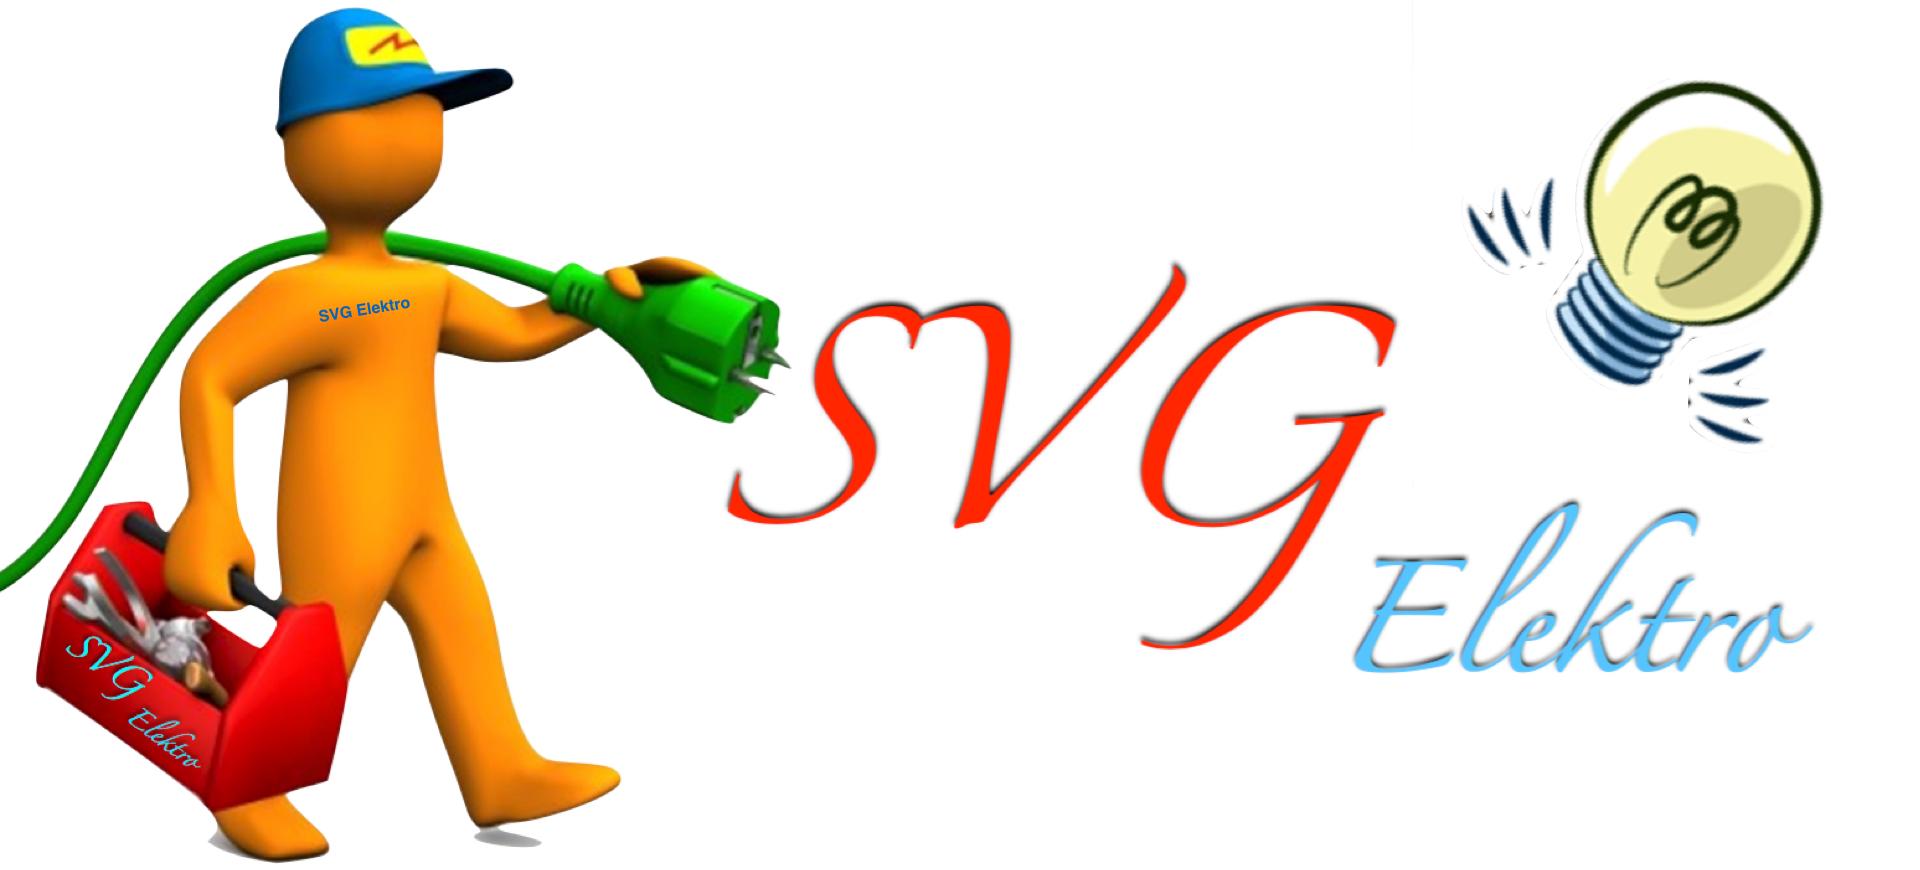 SVG Elektro